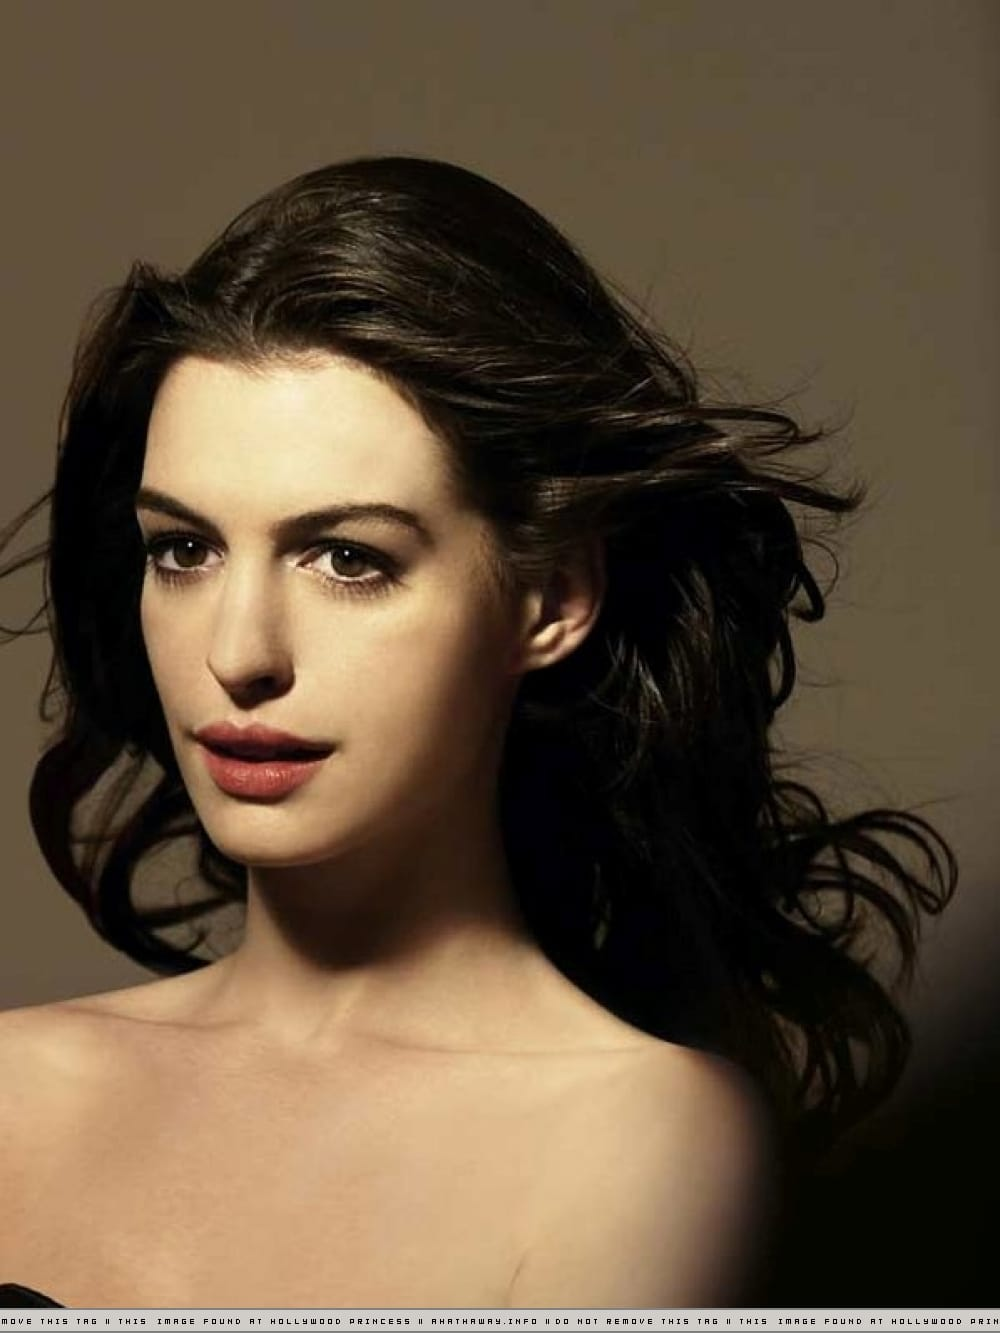 Фотки известных актрис 3 фотография